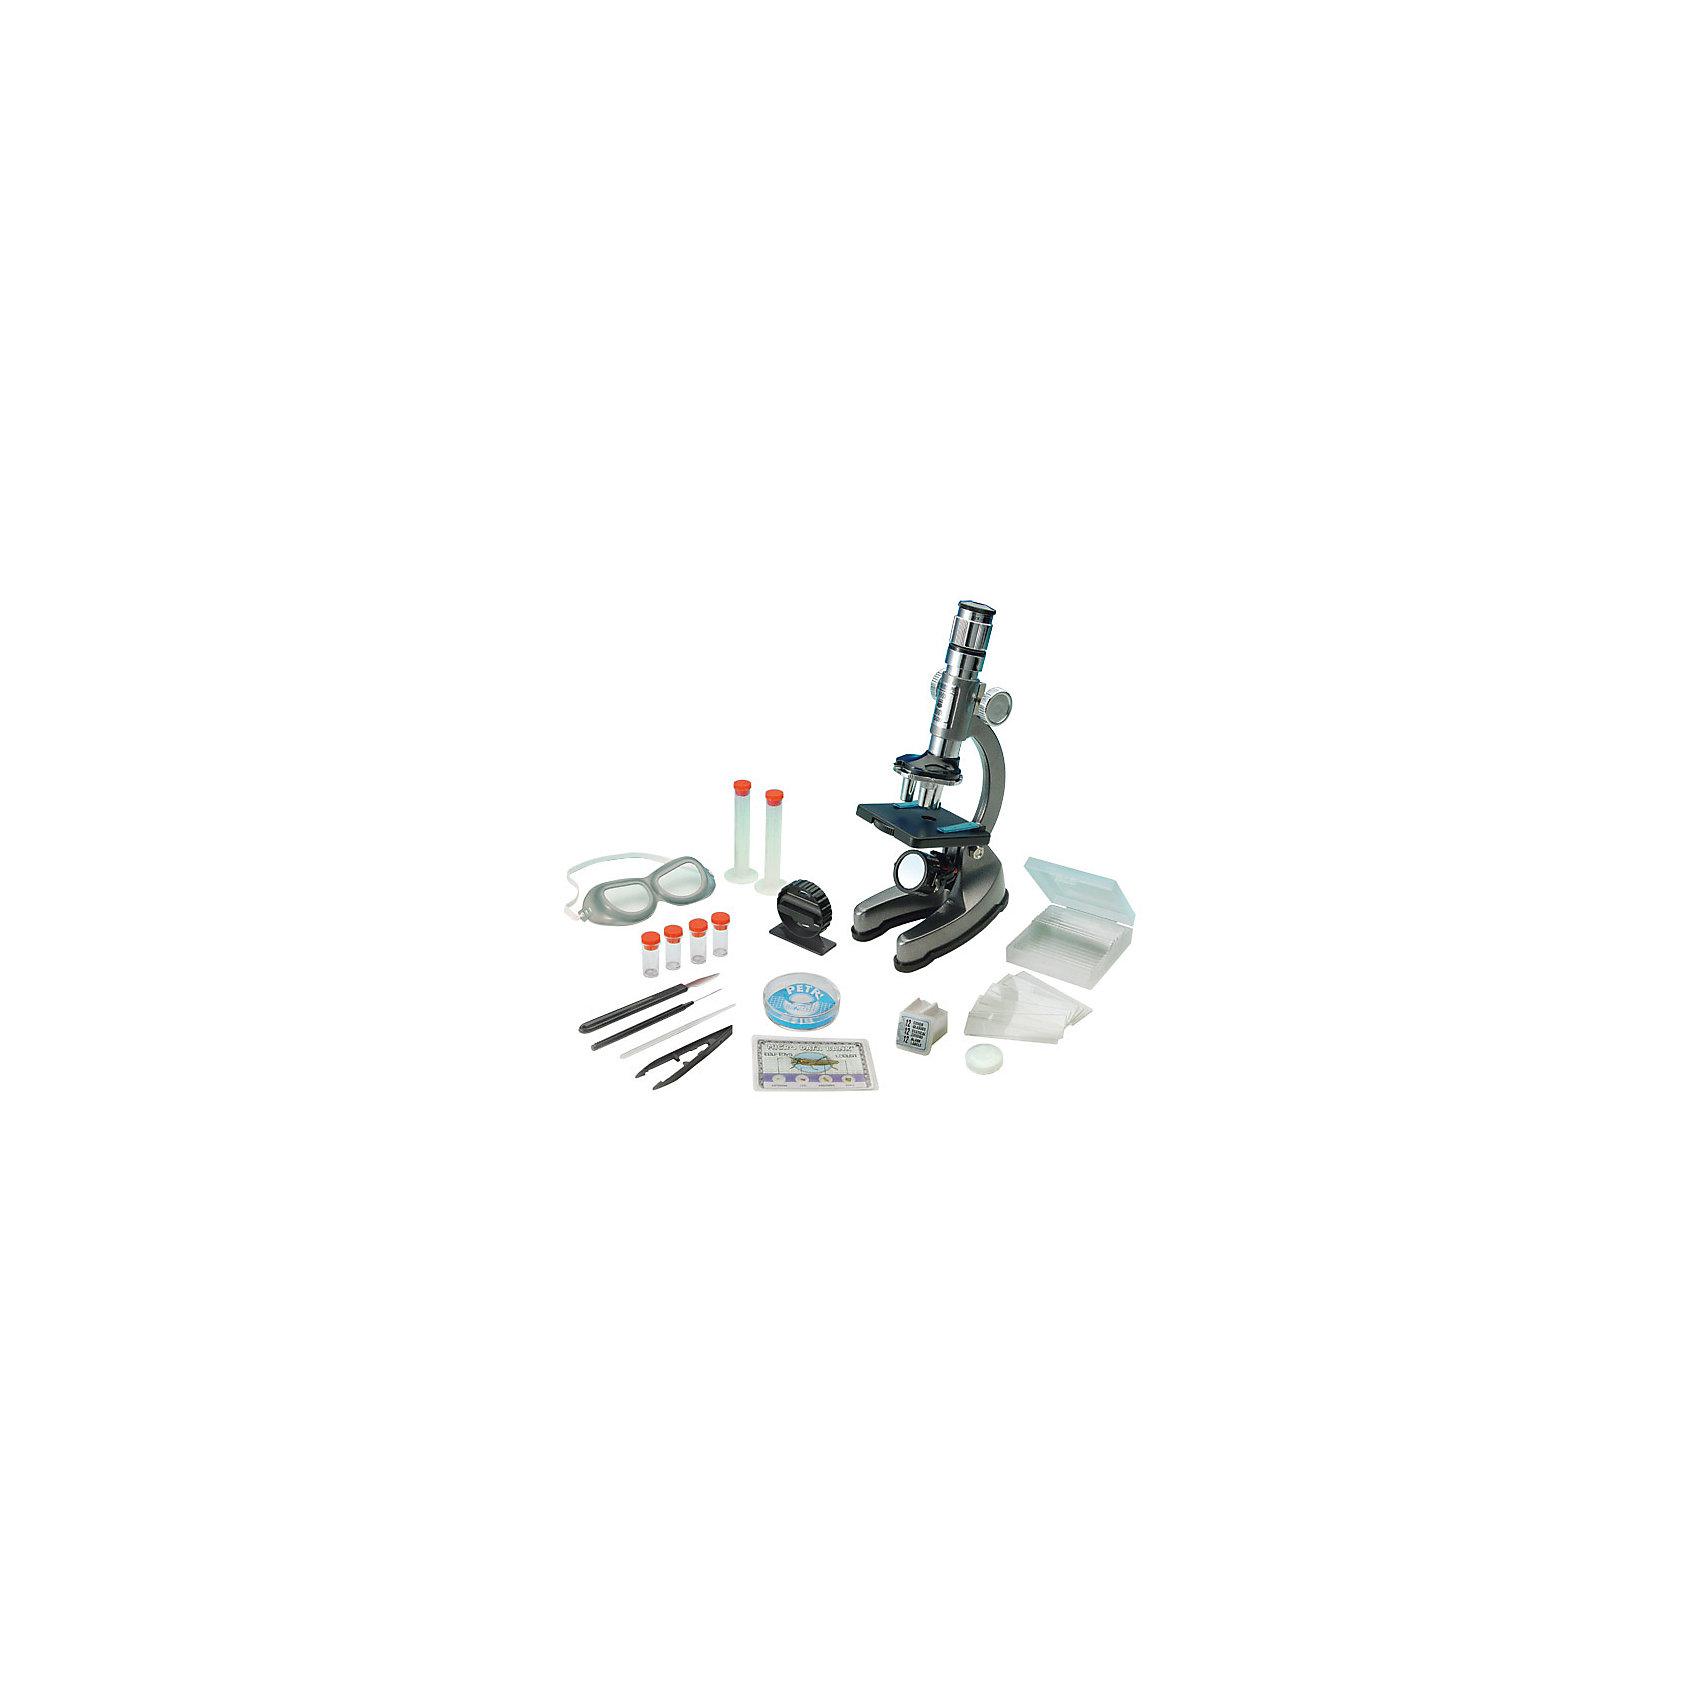 Микроскоп, Edu-ToysМикроскоп, Edu-Toys - необходимый инструмент для юного исследователя в его изучении окружающего мира и природы. Высококачественный зум-окуляр микроскопа обеспечивает отличное качество изображения и дает переменное увеличение от 100 до 900 крат. Специальная ручка фокусировки поможет наладить нужную резкость, а с<br>помощью зеркала-отражателя Вы сможете настроить необходимое освещение для изучения препарата. Если яркости недостаточно, можно включить встроенную подсветку. <br><br>Прибор оснащен специальным предметным столиком с лапками-зажимами для микропрепаратов. Прочный корпус микроскопа выполнен из алюминия и имеет устойчивое основание, так что Вы можете не беспокоиться за его сохранность. В комплект также входит набор аксессуаров с помощью которых можно провести множество увлекательных опытов и наблюдений, здесь Вы найдете и комплект микропрепаратов, и все необходимые инструменты и емкости.<br><br>Дополнительная информация:<br><br>- В комплекте: микроскоп EDU-TOYS MS002 с алюминиевым корпусом, окуляр с переменной кратностью 12-18х, набор готовых микропрепаратов, мини-нож для изготовления   препаратов, 12 стеклянных слайдов, 12 стеклянных покрытий, 12 этикеток, 2 пробирки с химикатами, 2 пустые пробирки, стеклянная палочка для перемешивания, чашка Петри,   скальпель, игла, пинцет, запасная лампочка, 2 мерные колбы, защитные очки, крышка объектива, инструкция.<br>- Материал: алюминий, пластик, стекло.<br>- Для подсветки требуются батарейки: 2 х АА (не входят в комплект).<br>- Высота микроскопа: 23 см.<br>- Размер упаковки: 35 х 8,5 х 39 см.<br>- Вес: 2,46 кг.<br><br>Микроскоп, Edu-Toys, можно купить в нашем интернет-магазине.<br><br>Ширина мм: 390<br>Глубина мм: 85<br>Высота мм: 350<br>Вес г: 2460<br>Возраст от месяцев: 96<br>Возраст до месяцев: 144<br>Пол: Унисекс<br>Возраст: Детский<br>SKU: 4013710